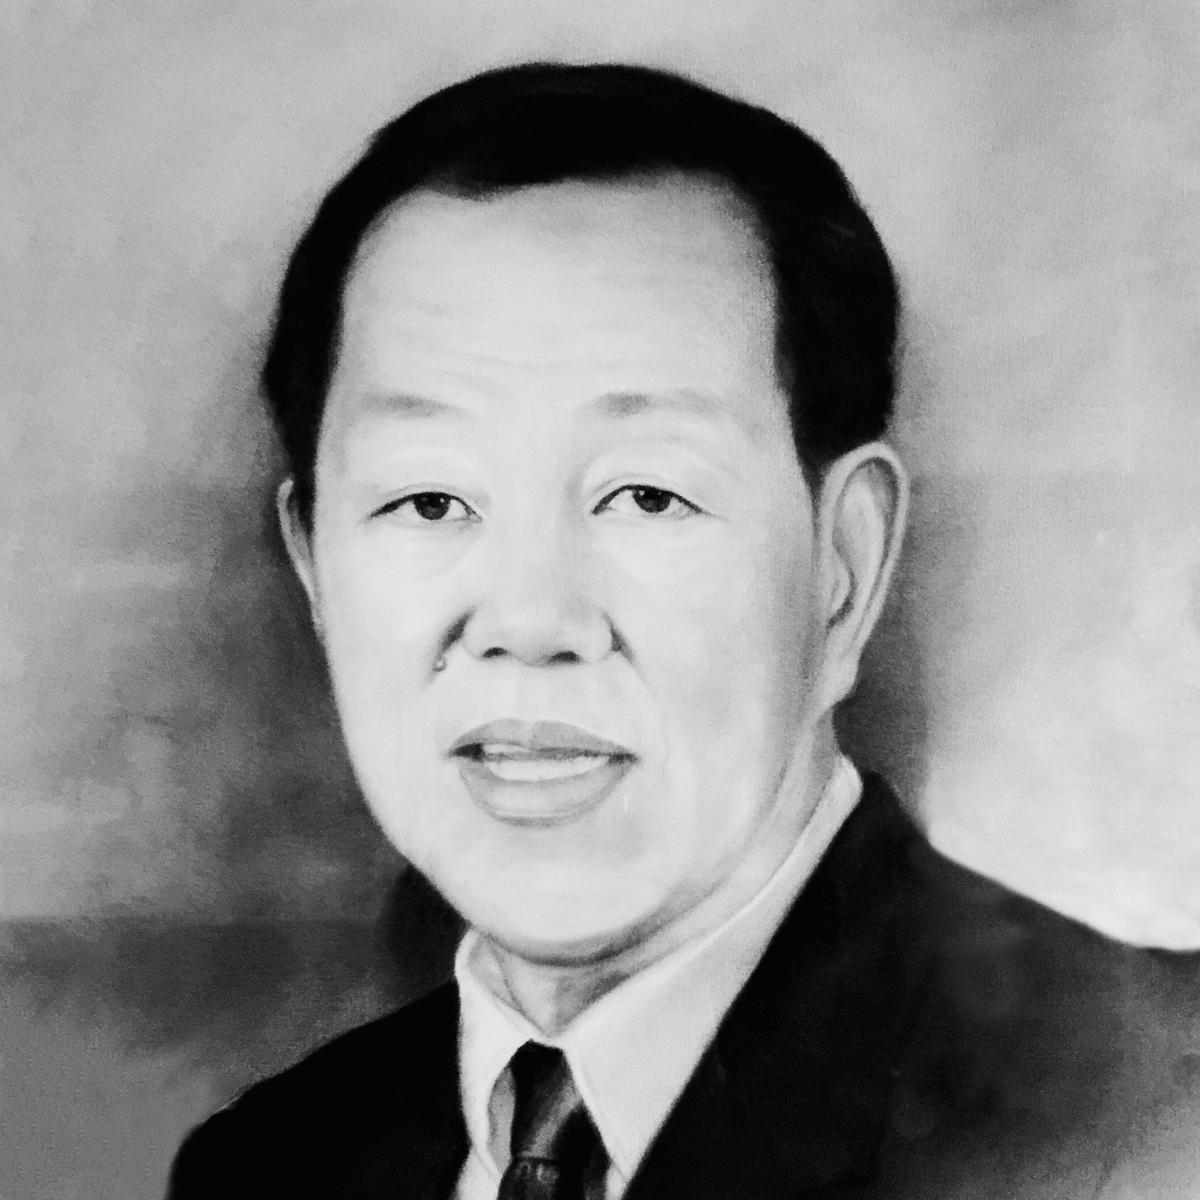 Carlos G. Co